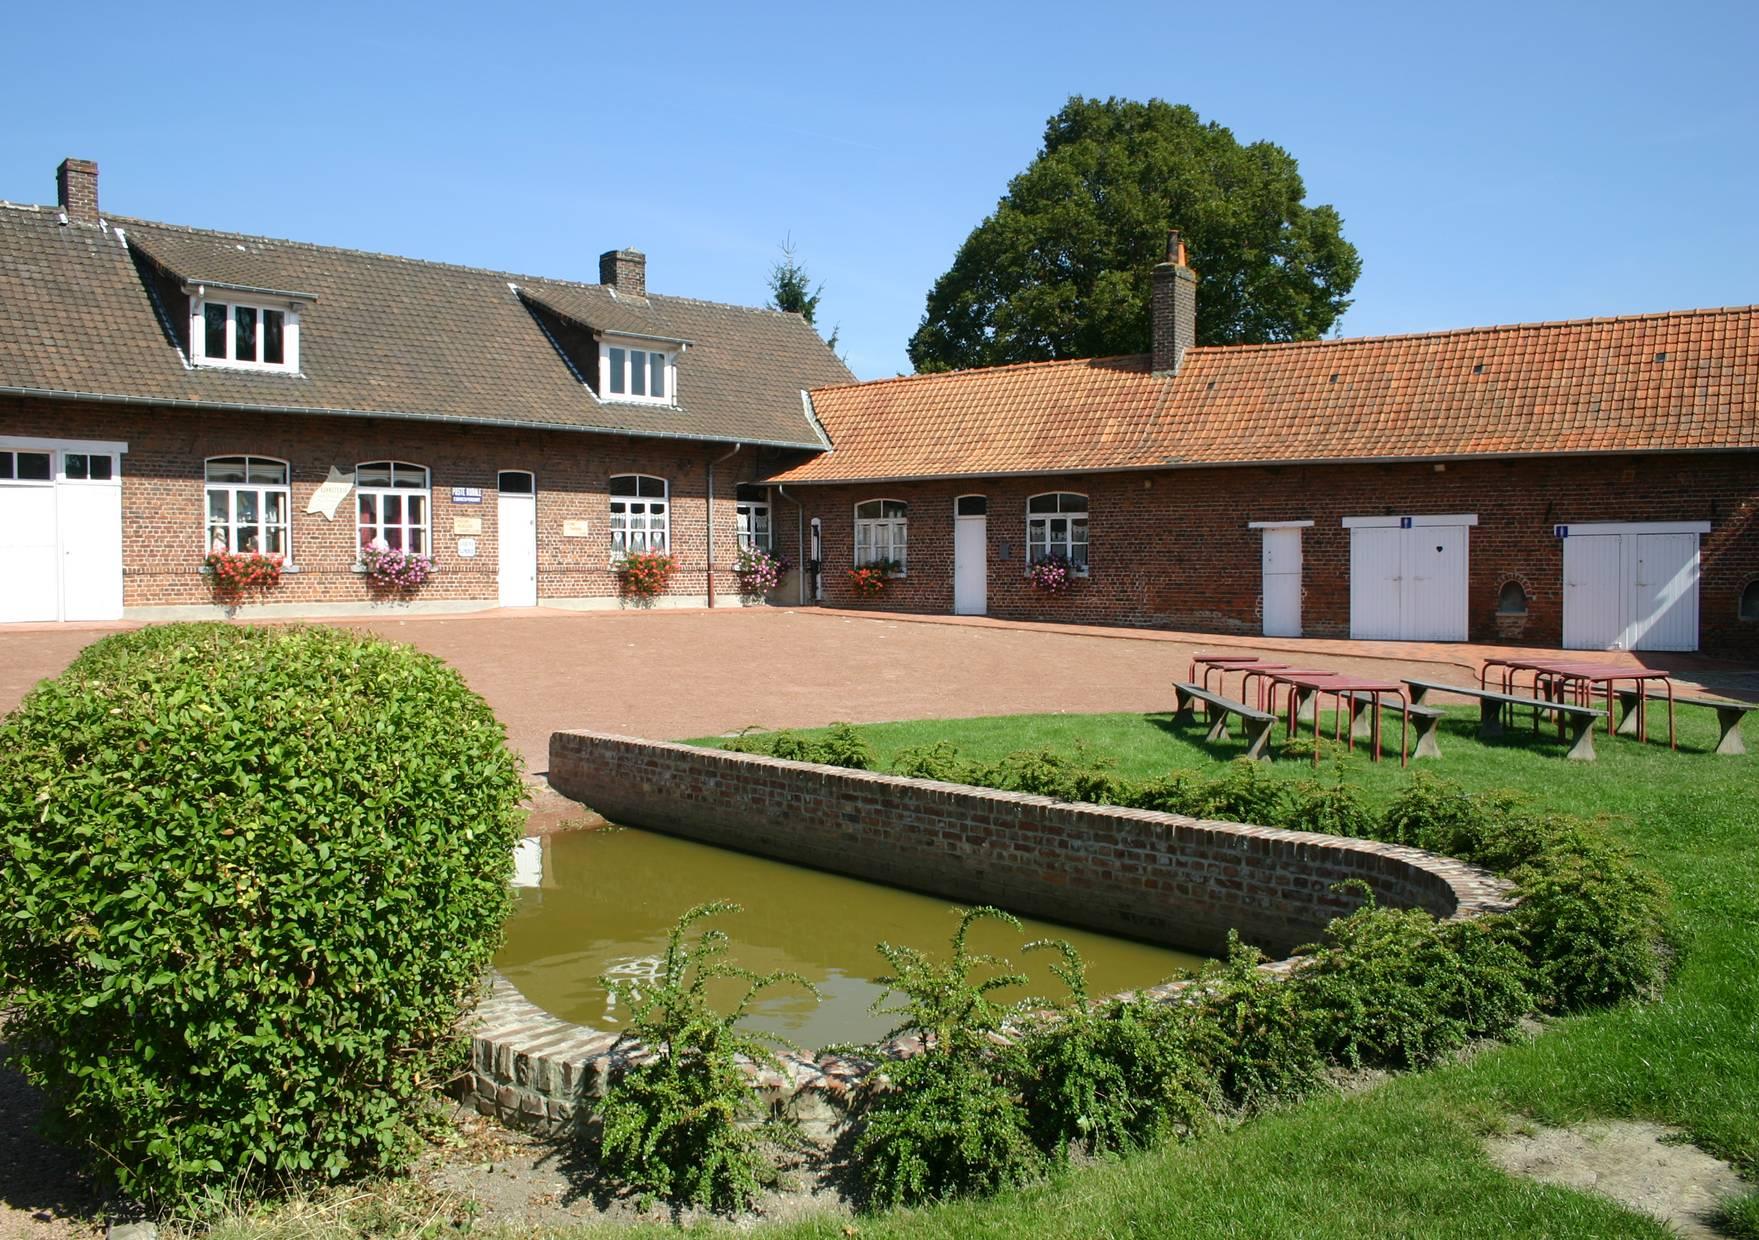 Musée de la vie rurale - Steenwerck